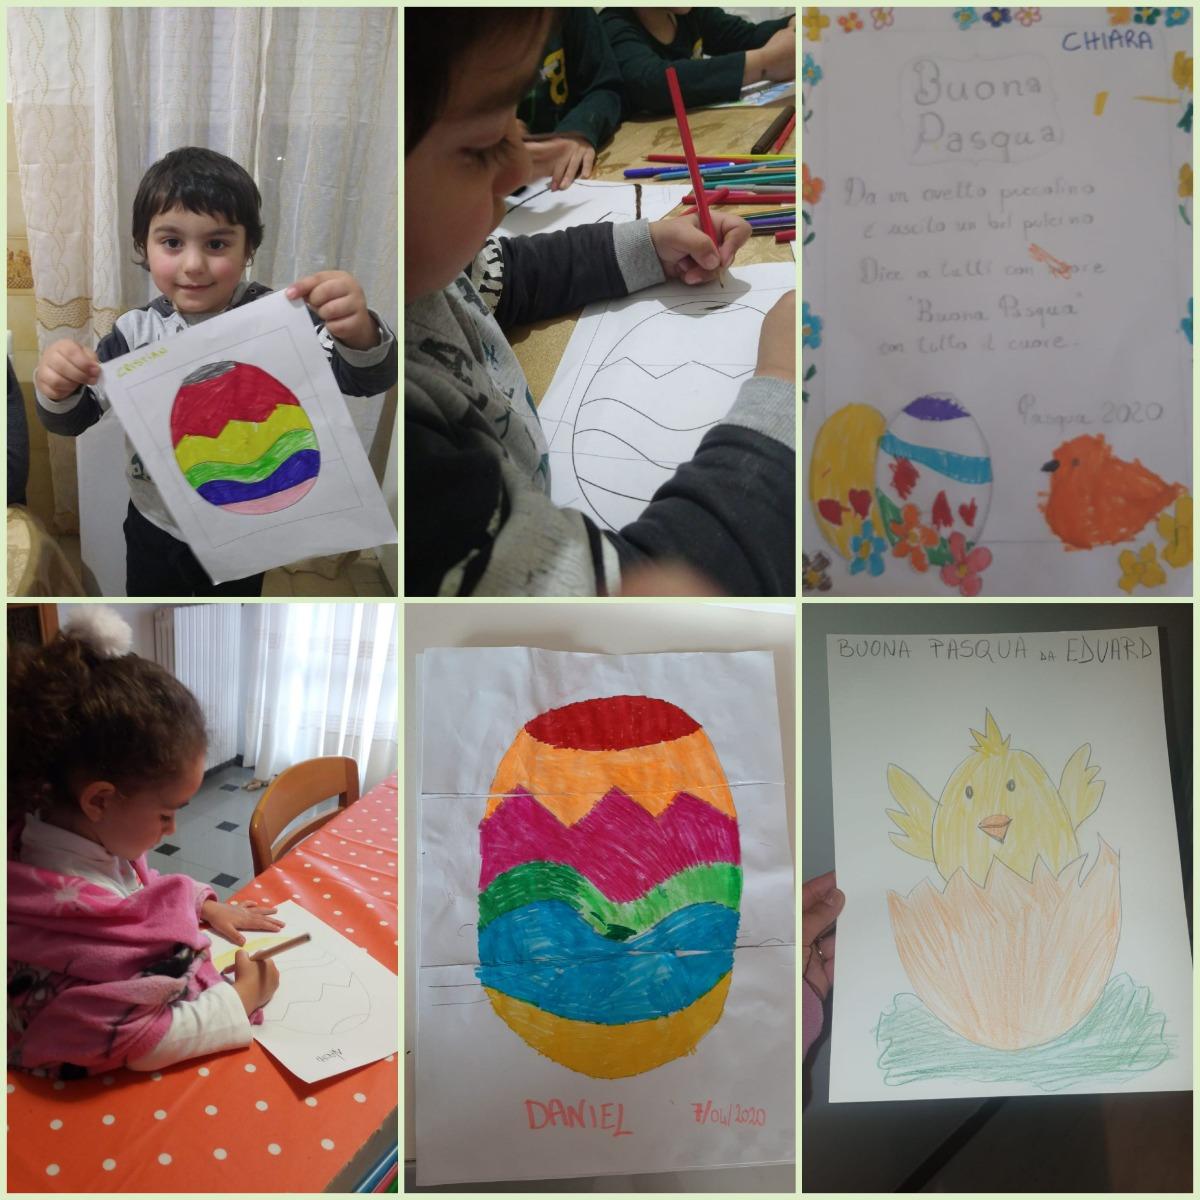 Sezione H lavori inerenti la Pasqua